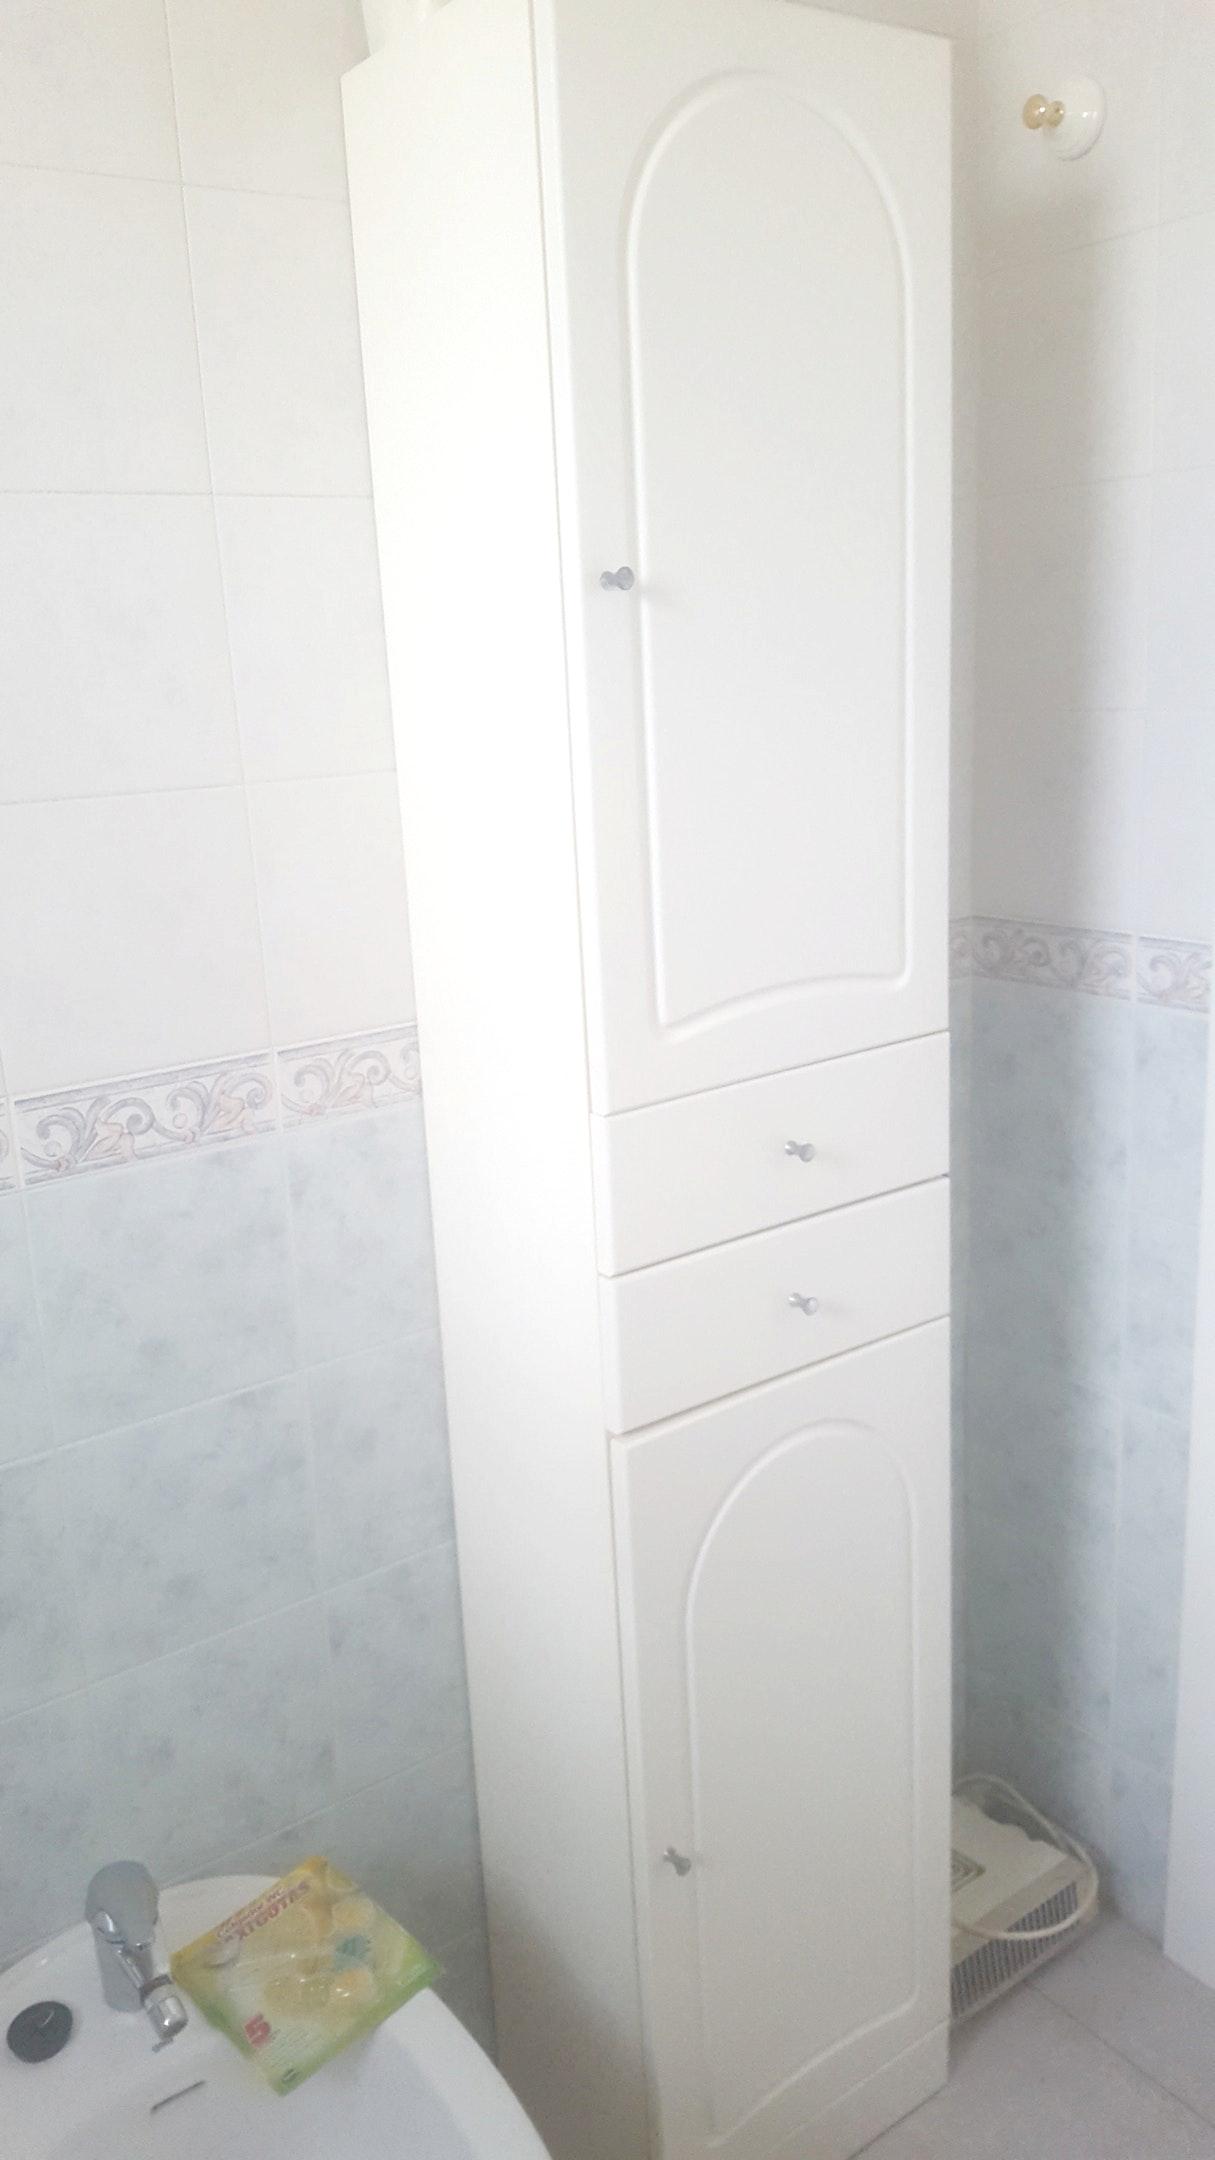 Ferienhaus Haus mit 2 Schlafzimmern in Torrevieja mit Pool, möbliertem Garten und W-LAN (2202043), Torrevieja, Costa Blanca, Valencia, Spanien, Bild 21